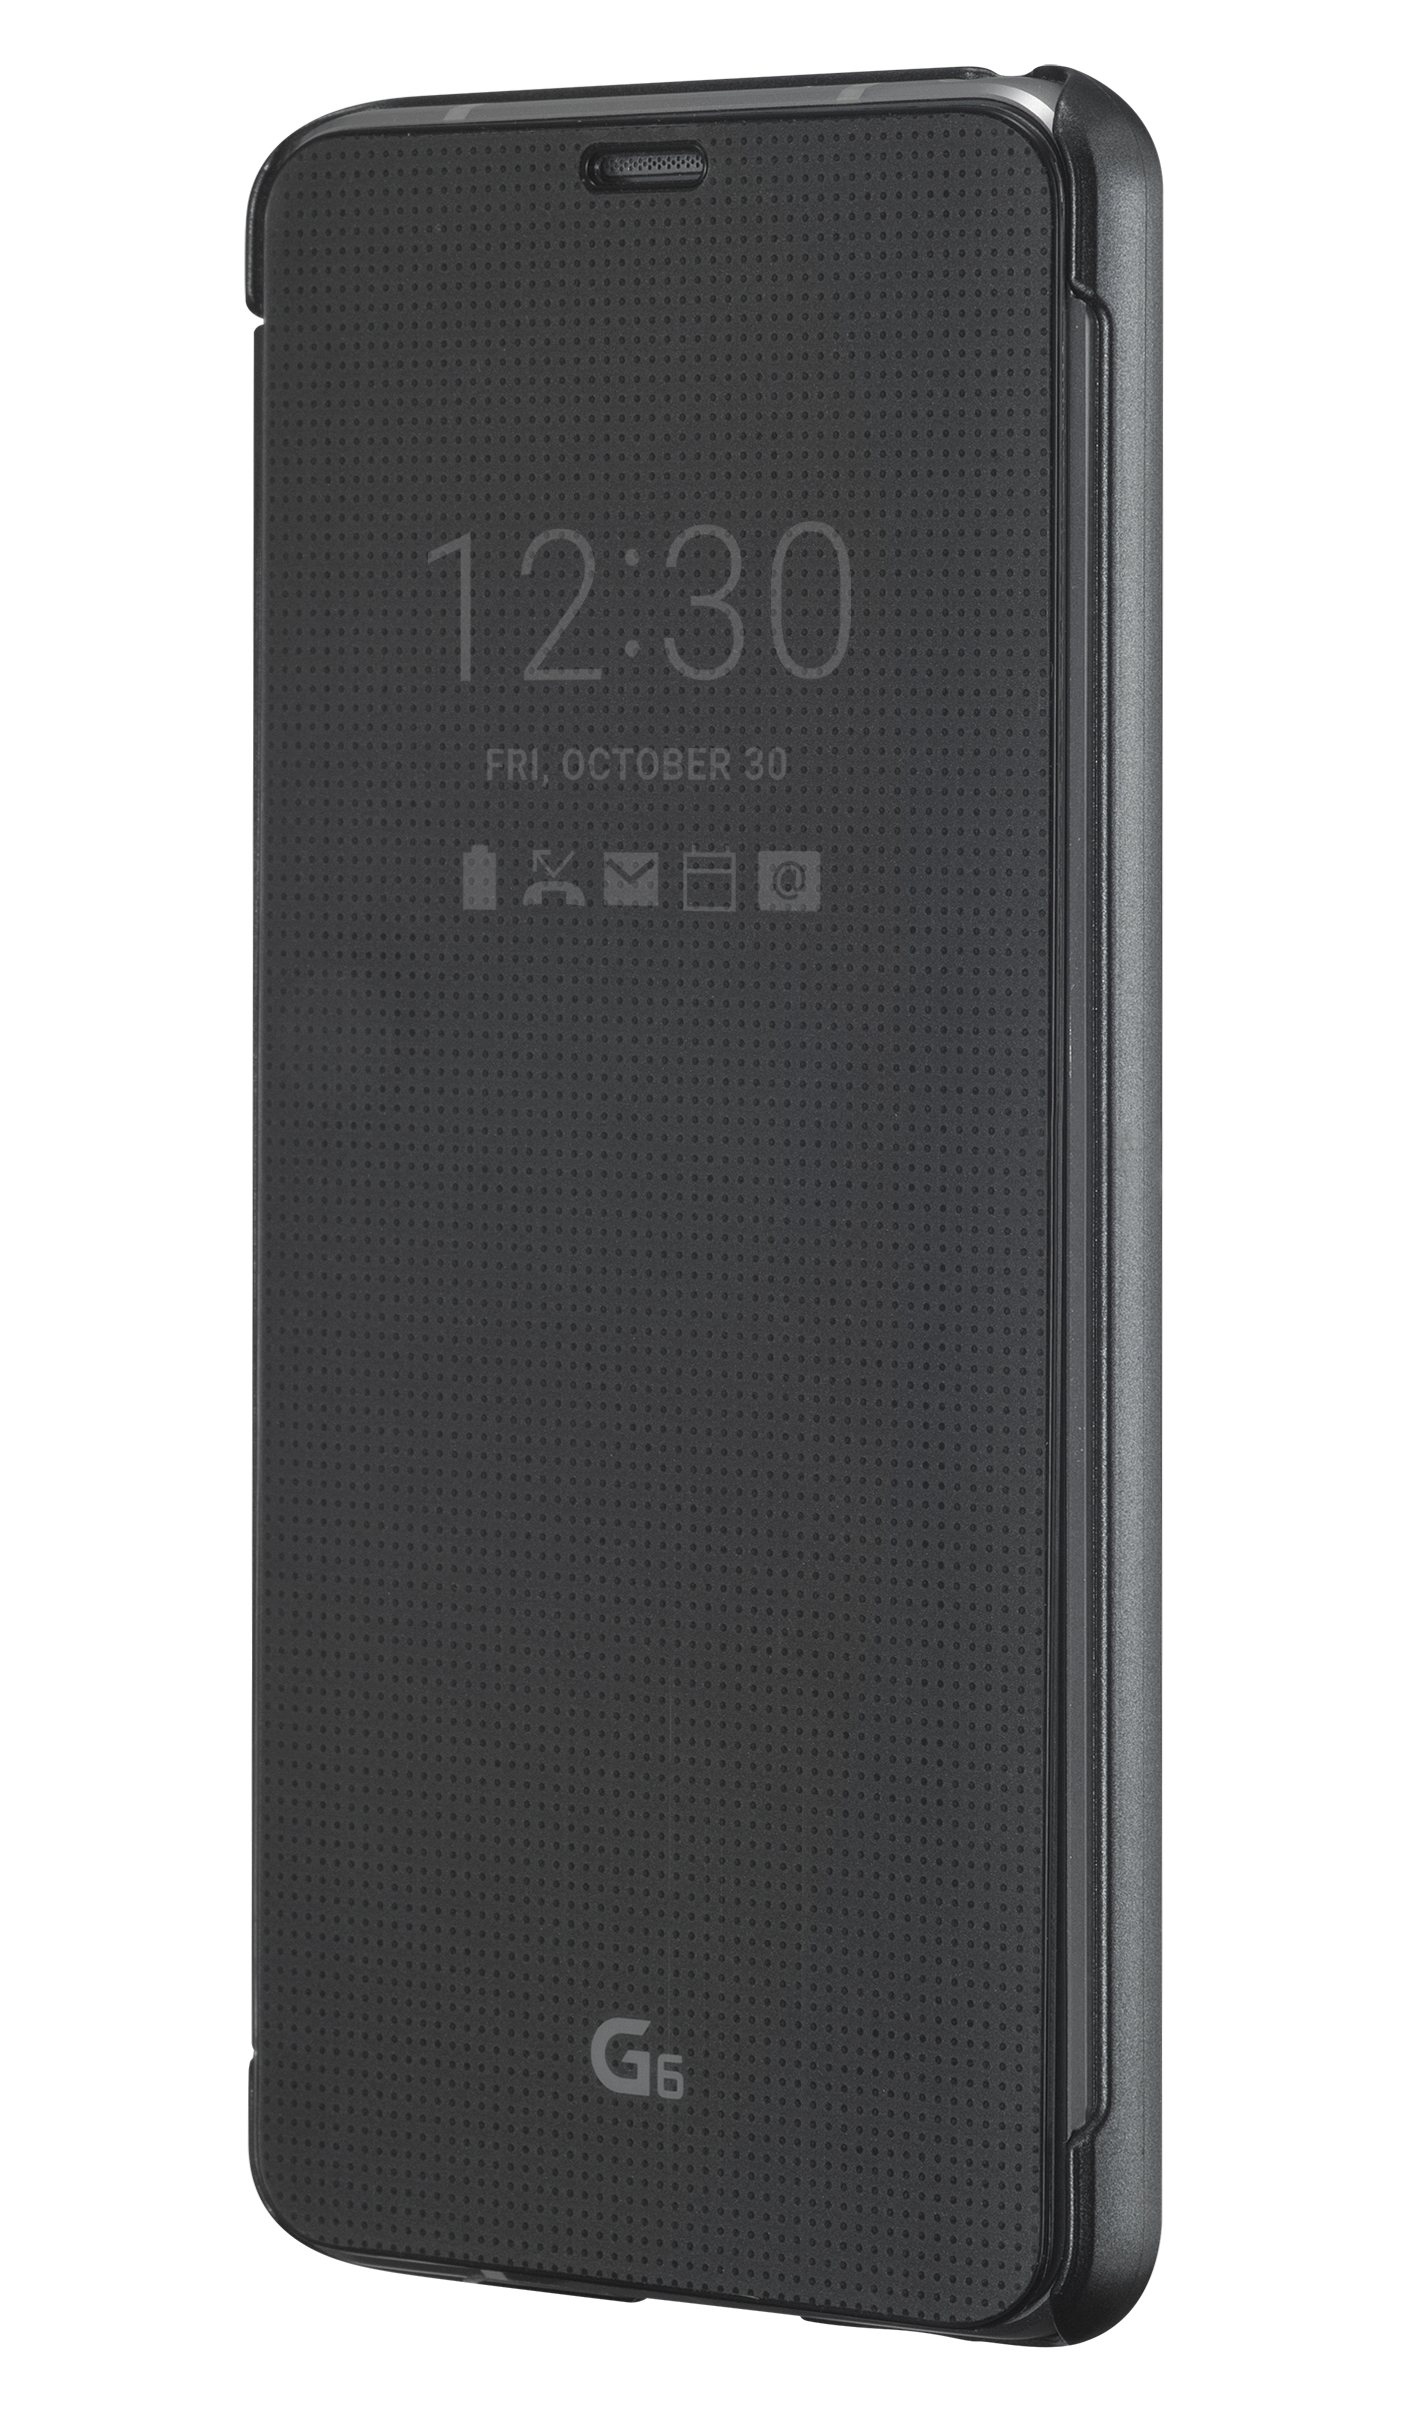 LG G6 Premium Phone Case